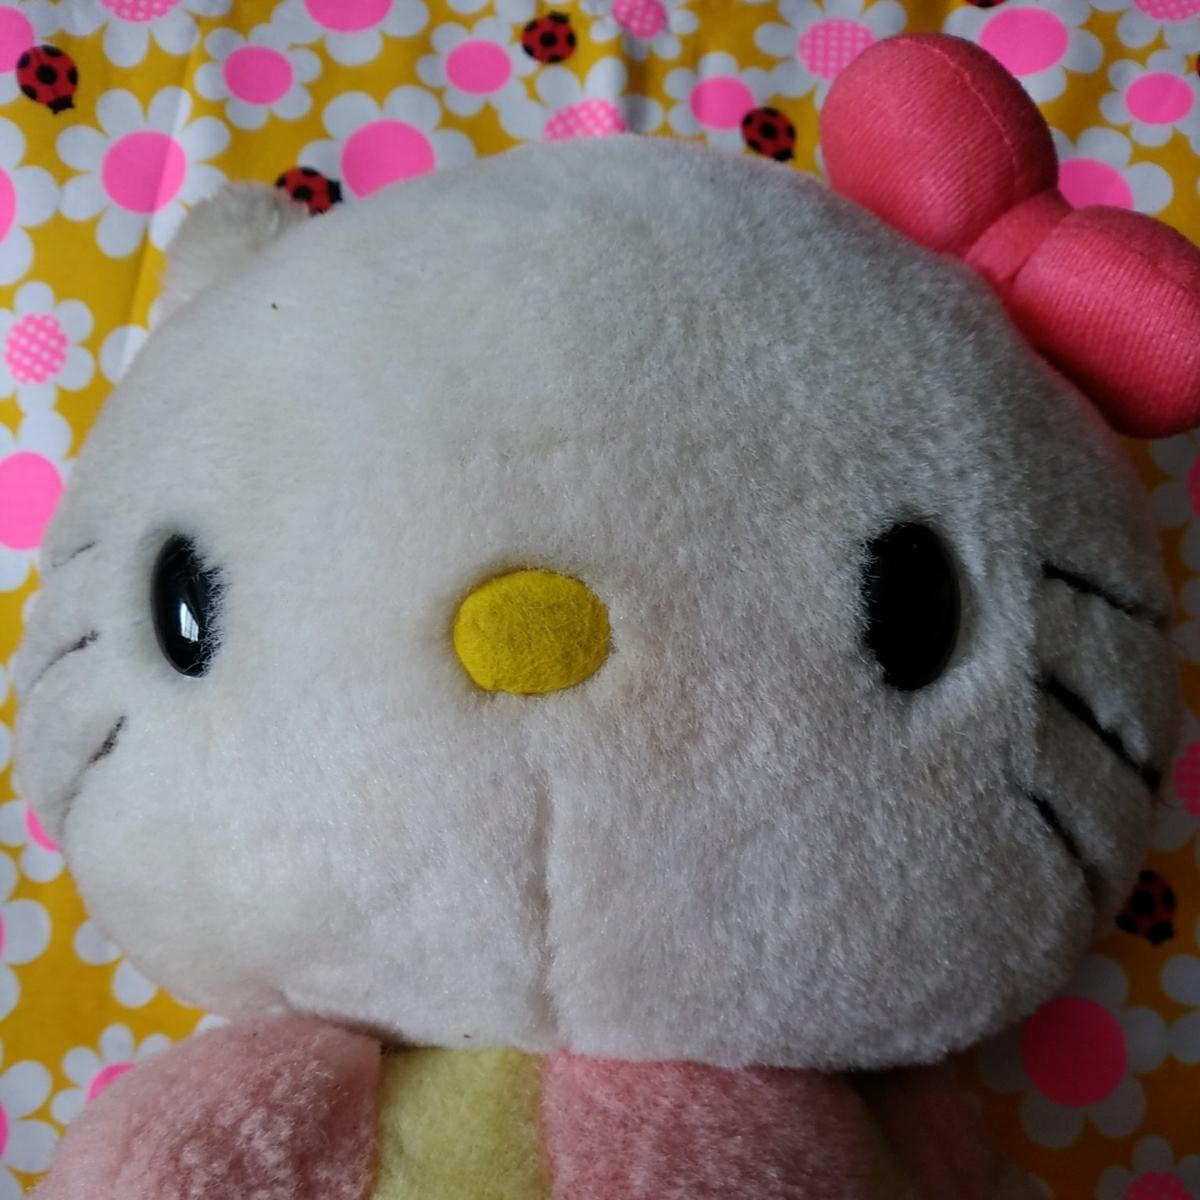 年代物 当時物 昭和 レトロ サンリオ キティ 希少 ぬいぐるみ 人形 30cm 難あり コレクション コレクター 日本製_画像10